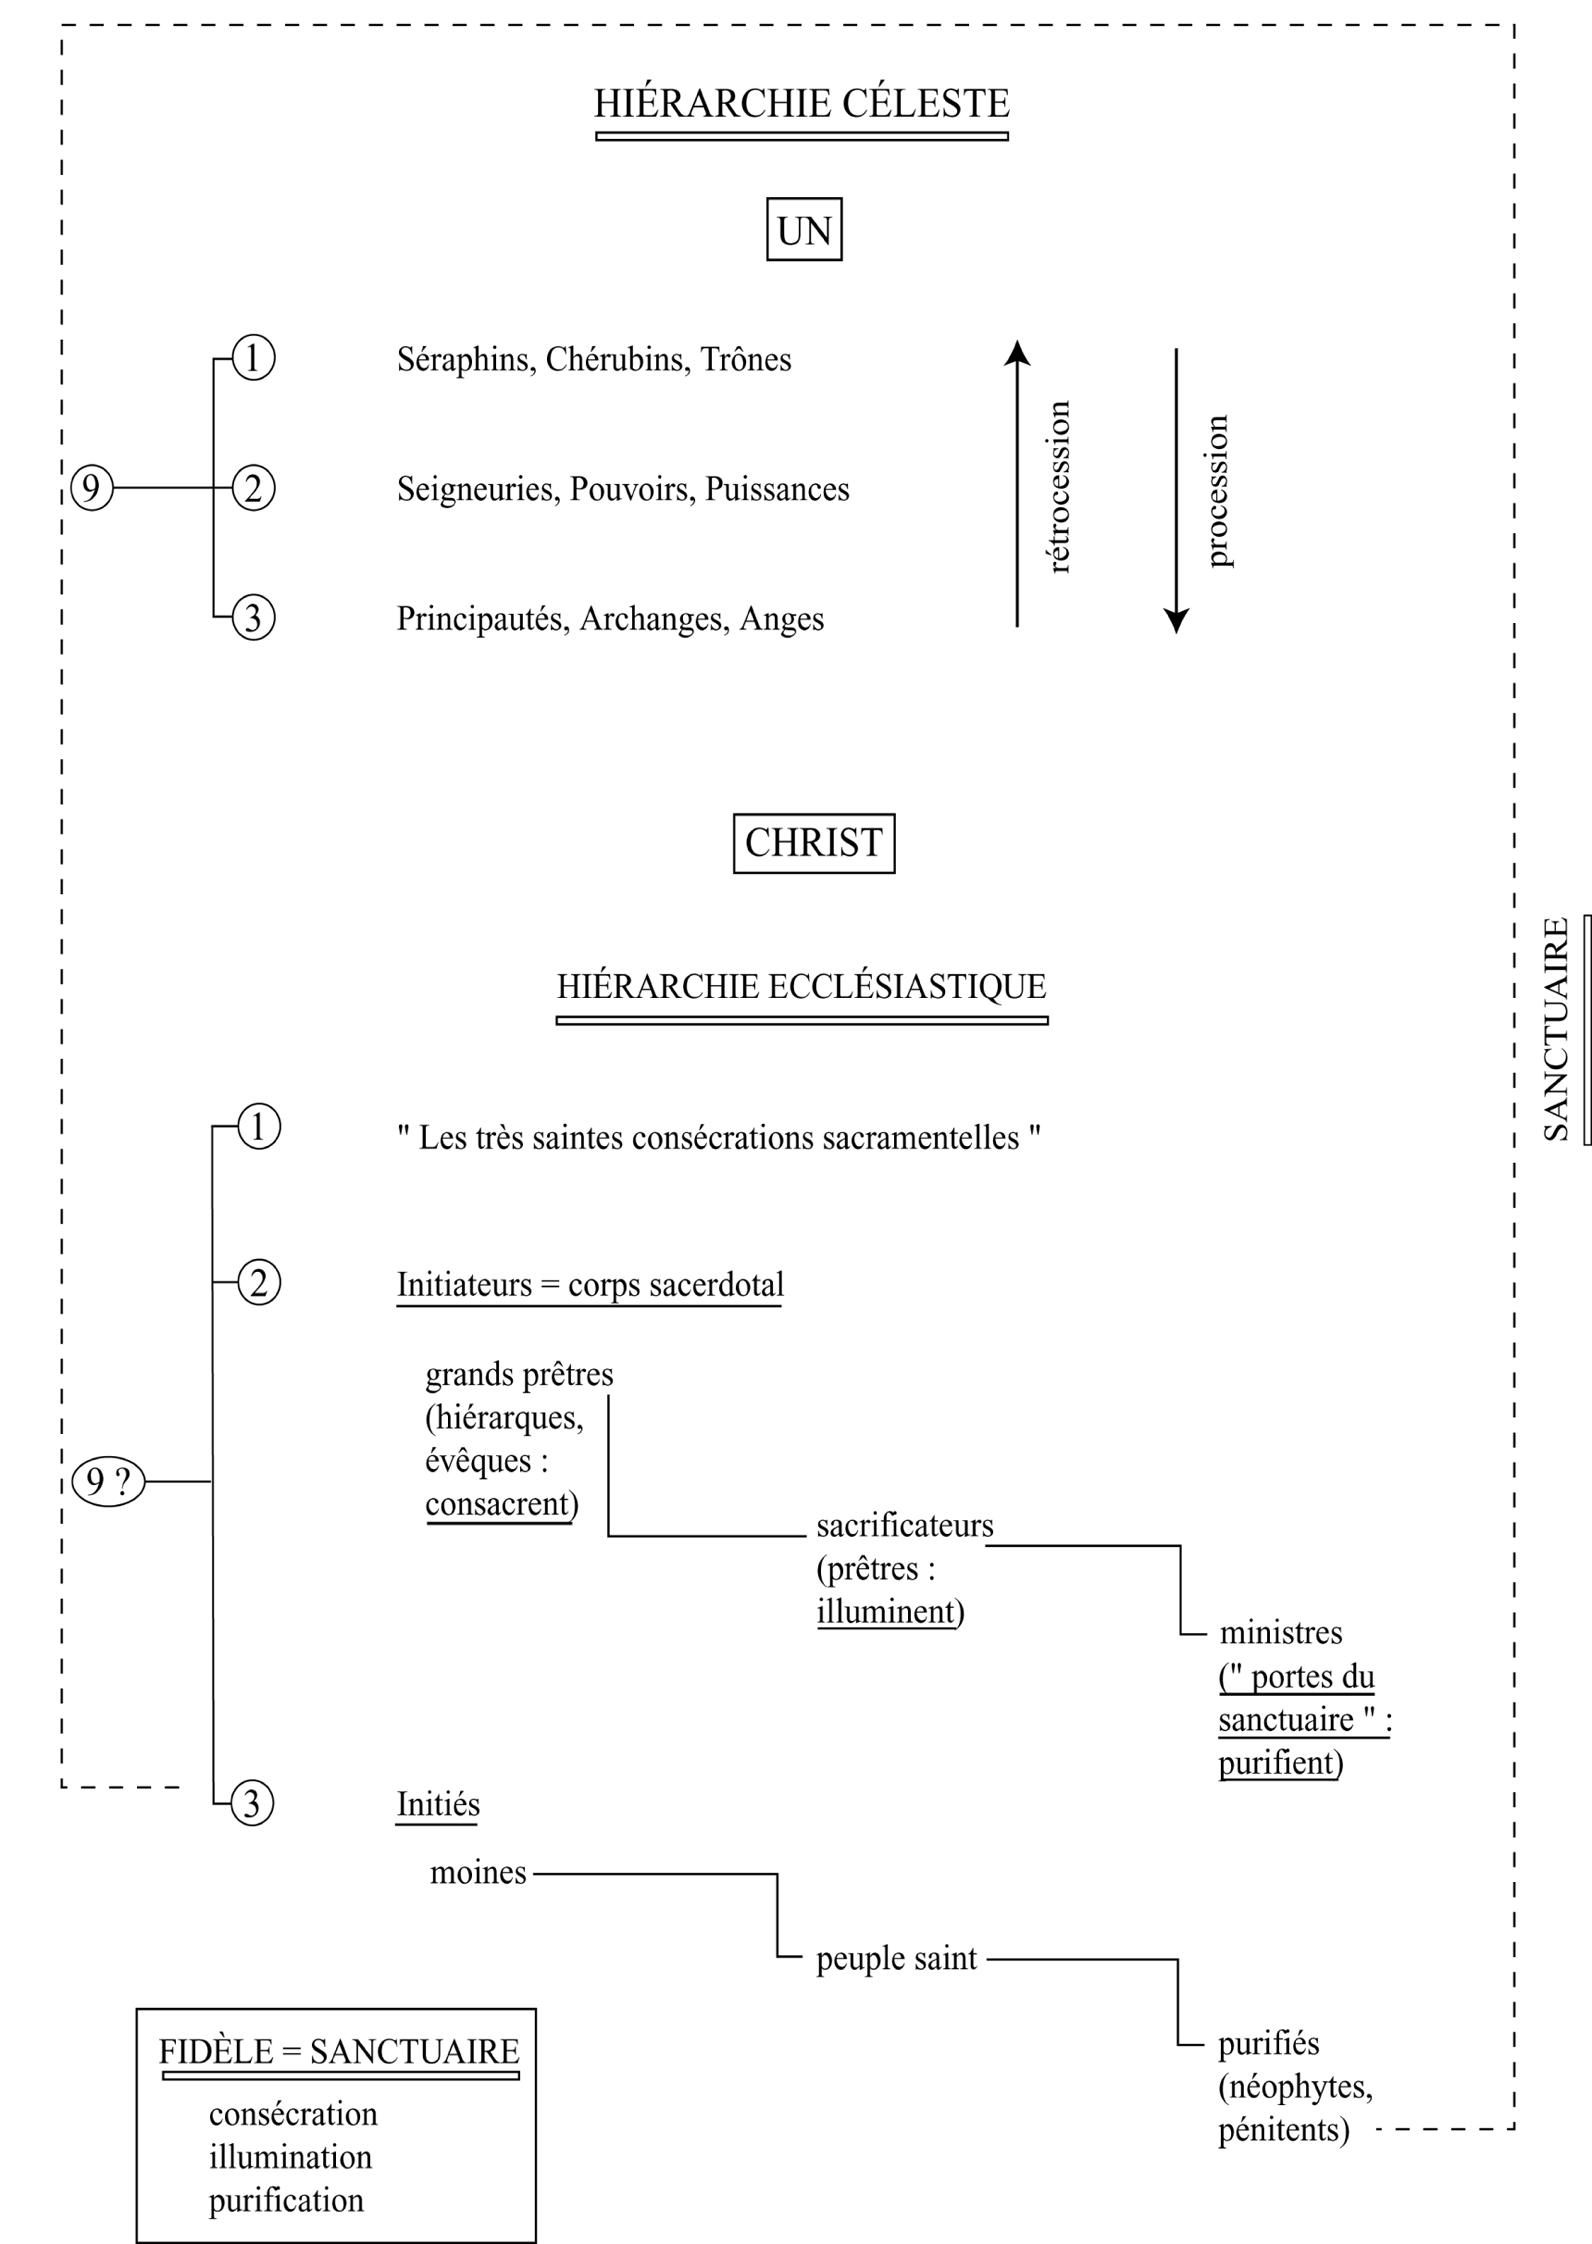 ASHRAE Standard